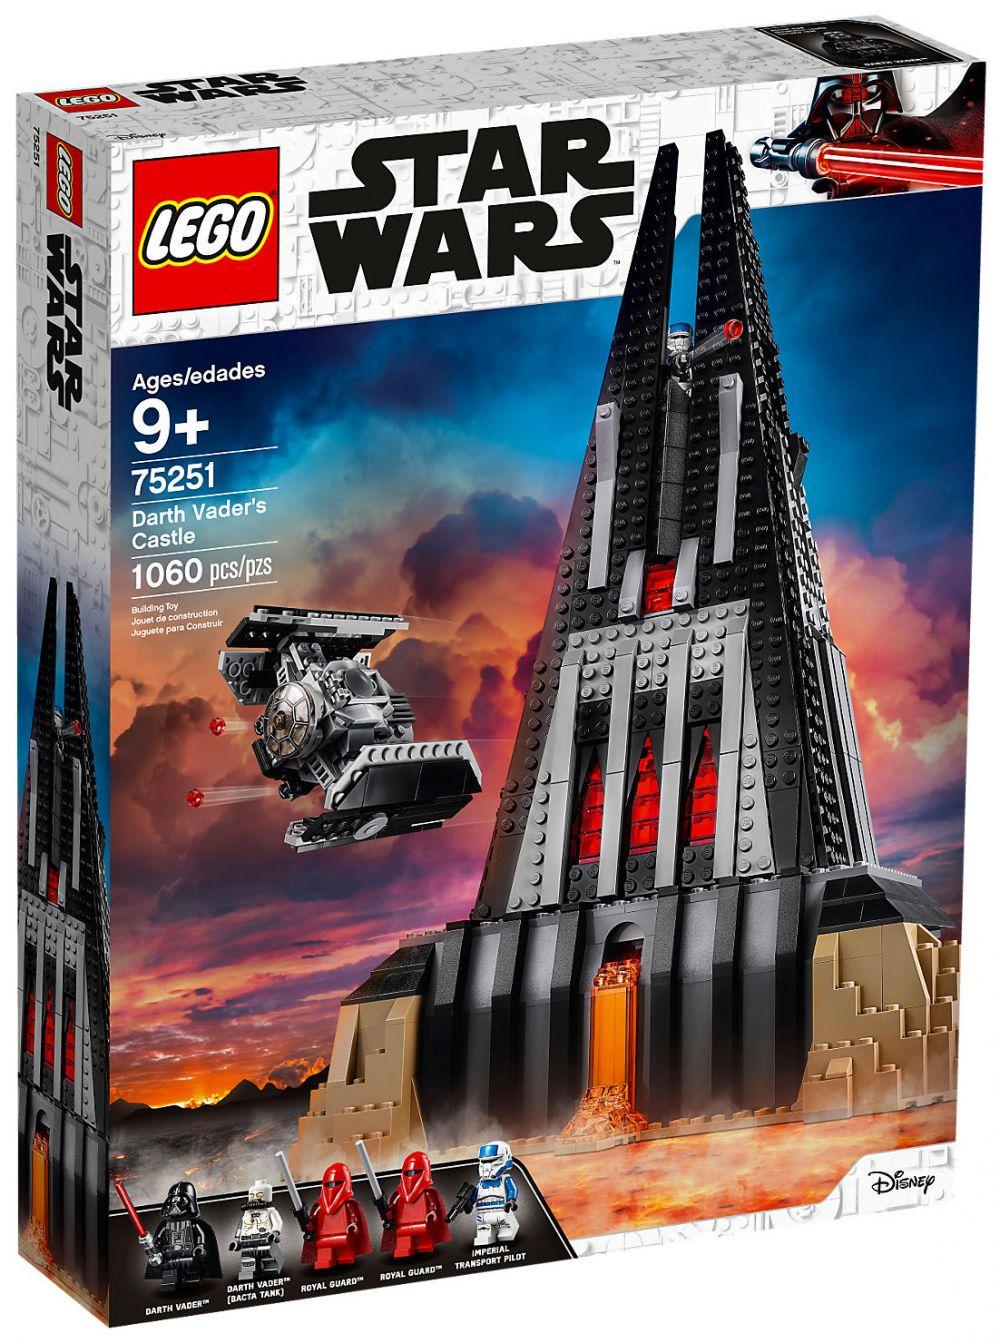 Lego star wars 75251 pas cher le ch teau de dark vador - Lego star wars avec dark vador ...